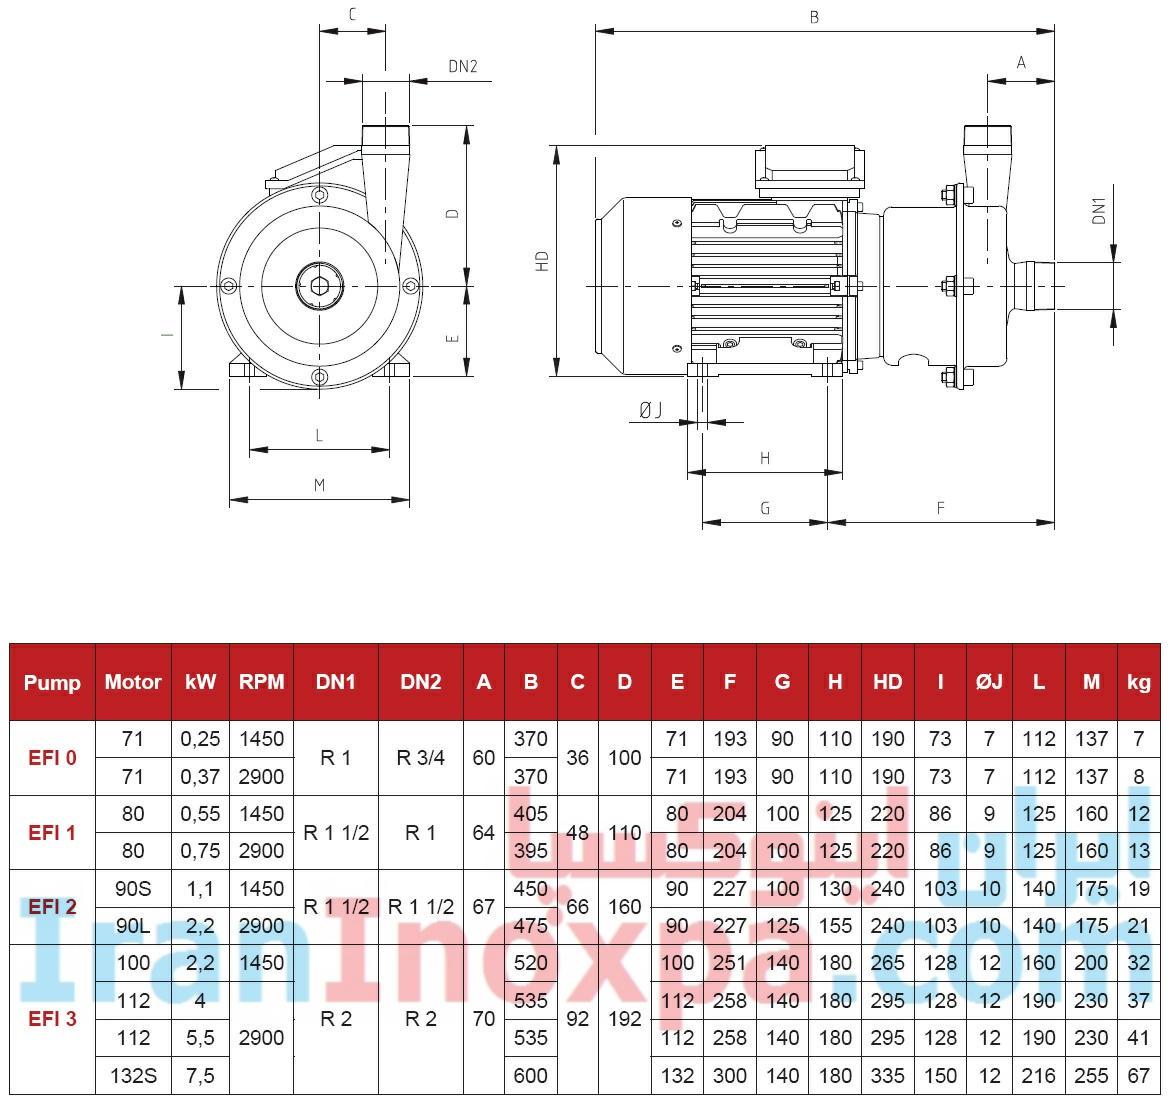 جدول ابعاد ESTAMPINOX EFI پمپ استیل سانتریفیوژی بهداشتی اینوکسپا بدون پوشش موتور